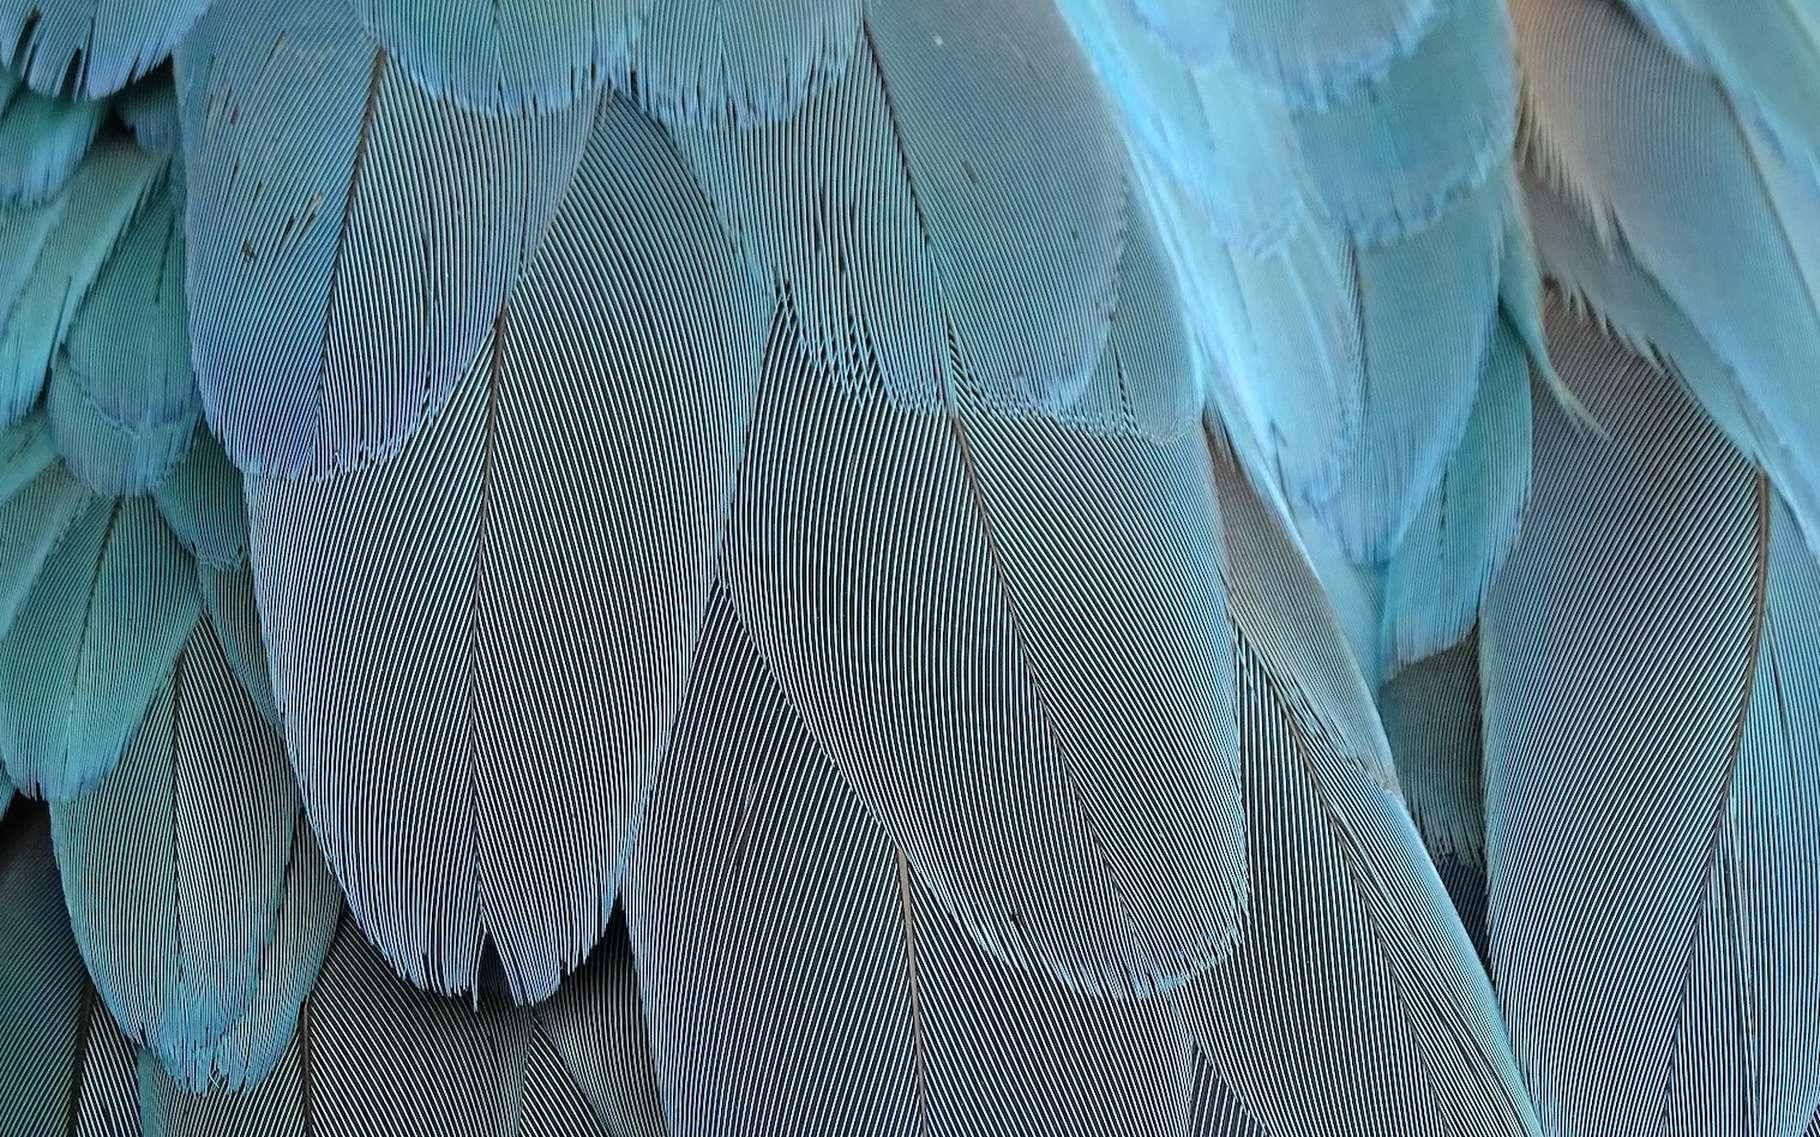 De nouveaux fossiles de ptérosaures suggèrent que l'apparition des plumes remonte à 100 millions d'années avant celle des oiseaux. © manfredrichter, Pixabay License